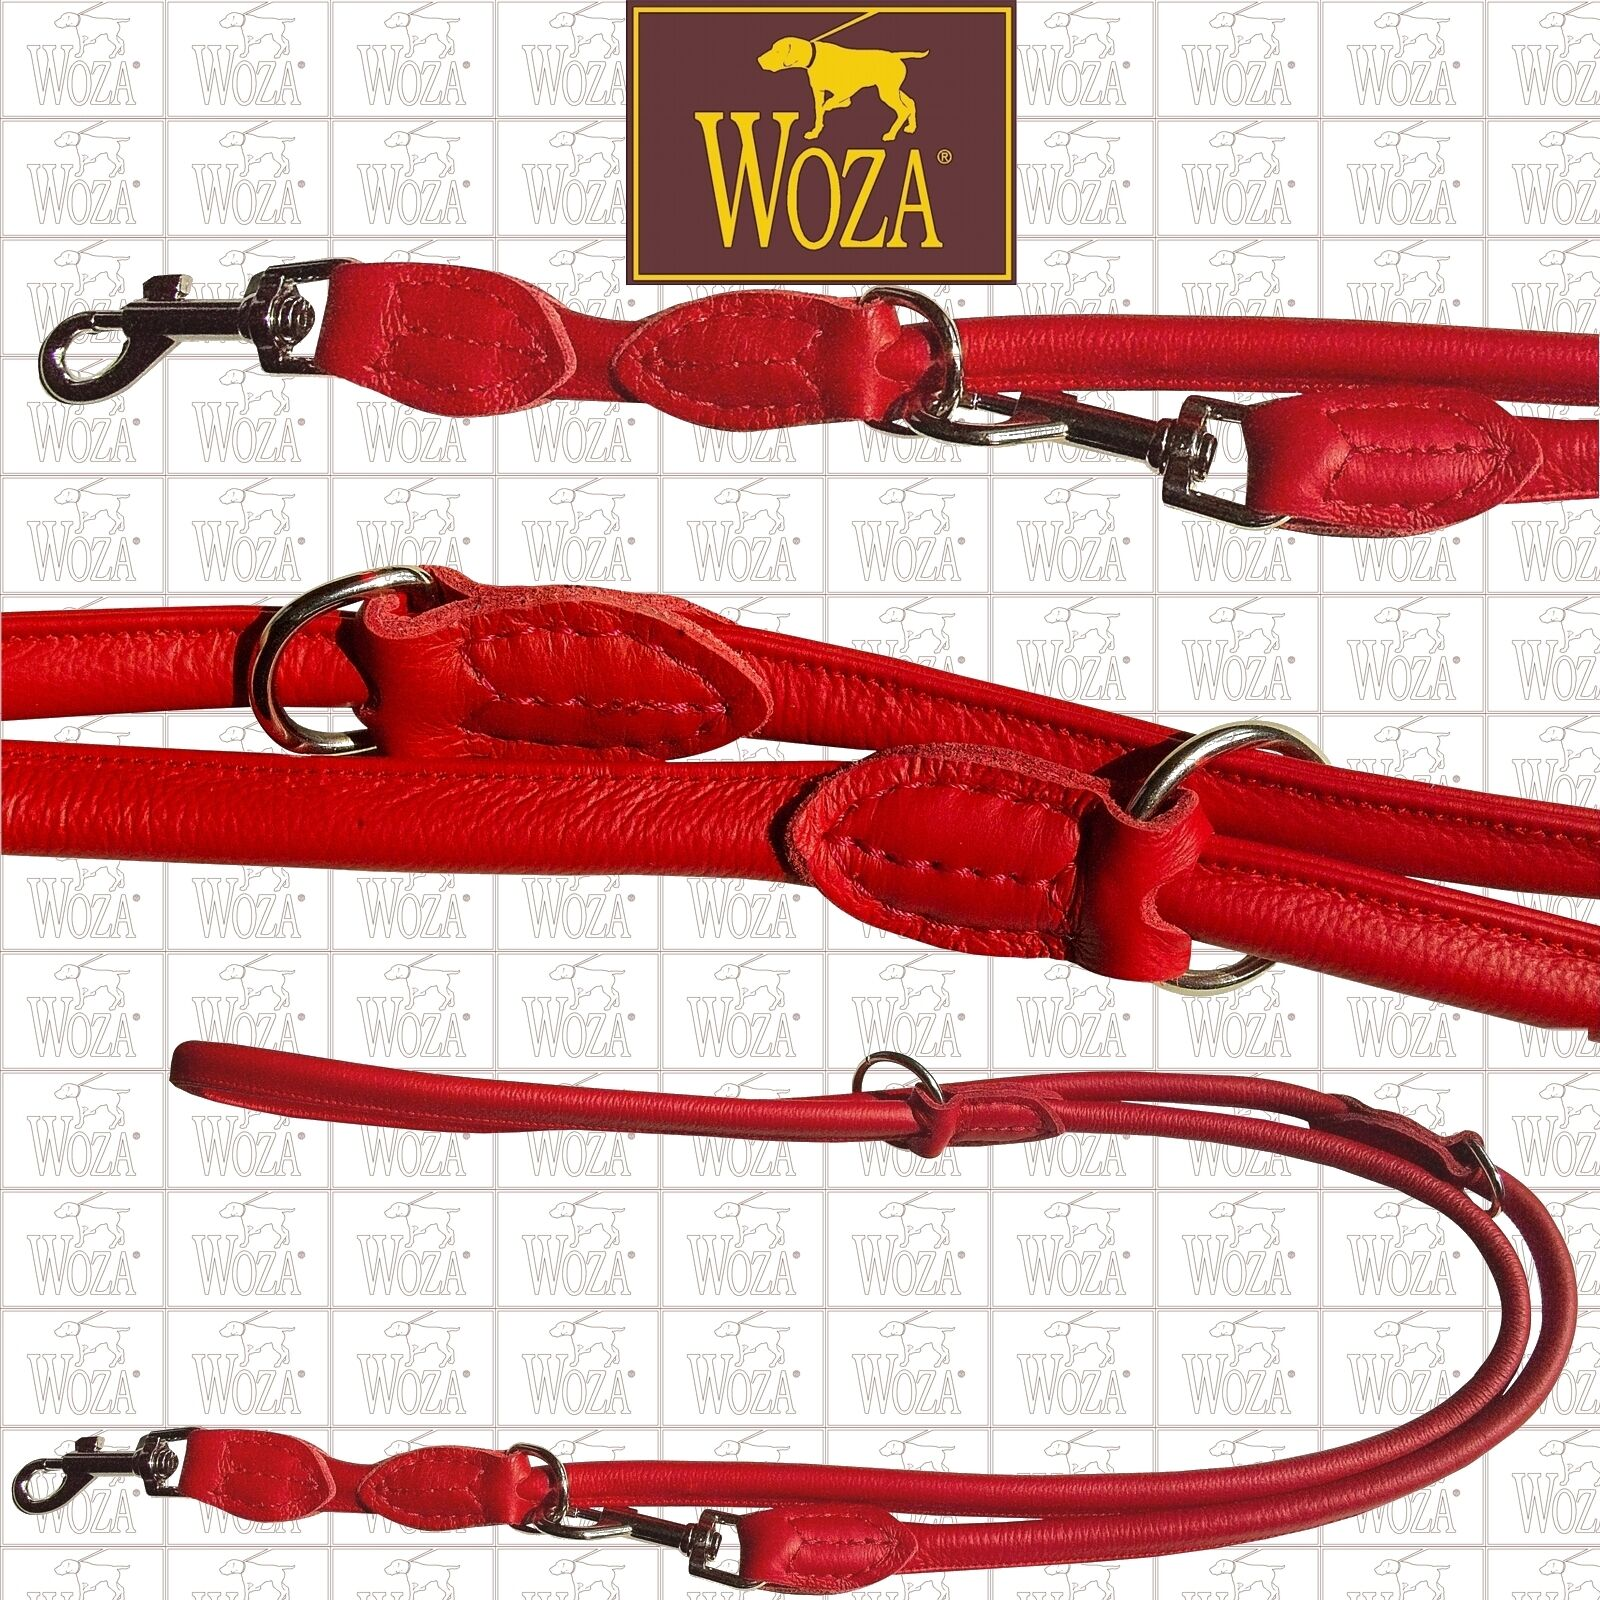 WOZA Premium Hundeleine Rundgenäht Volllederleine Handgenäht Softrindnappa P1046  | Einfach zu spielen, freies Leben